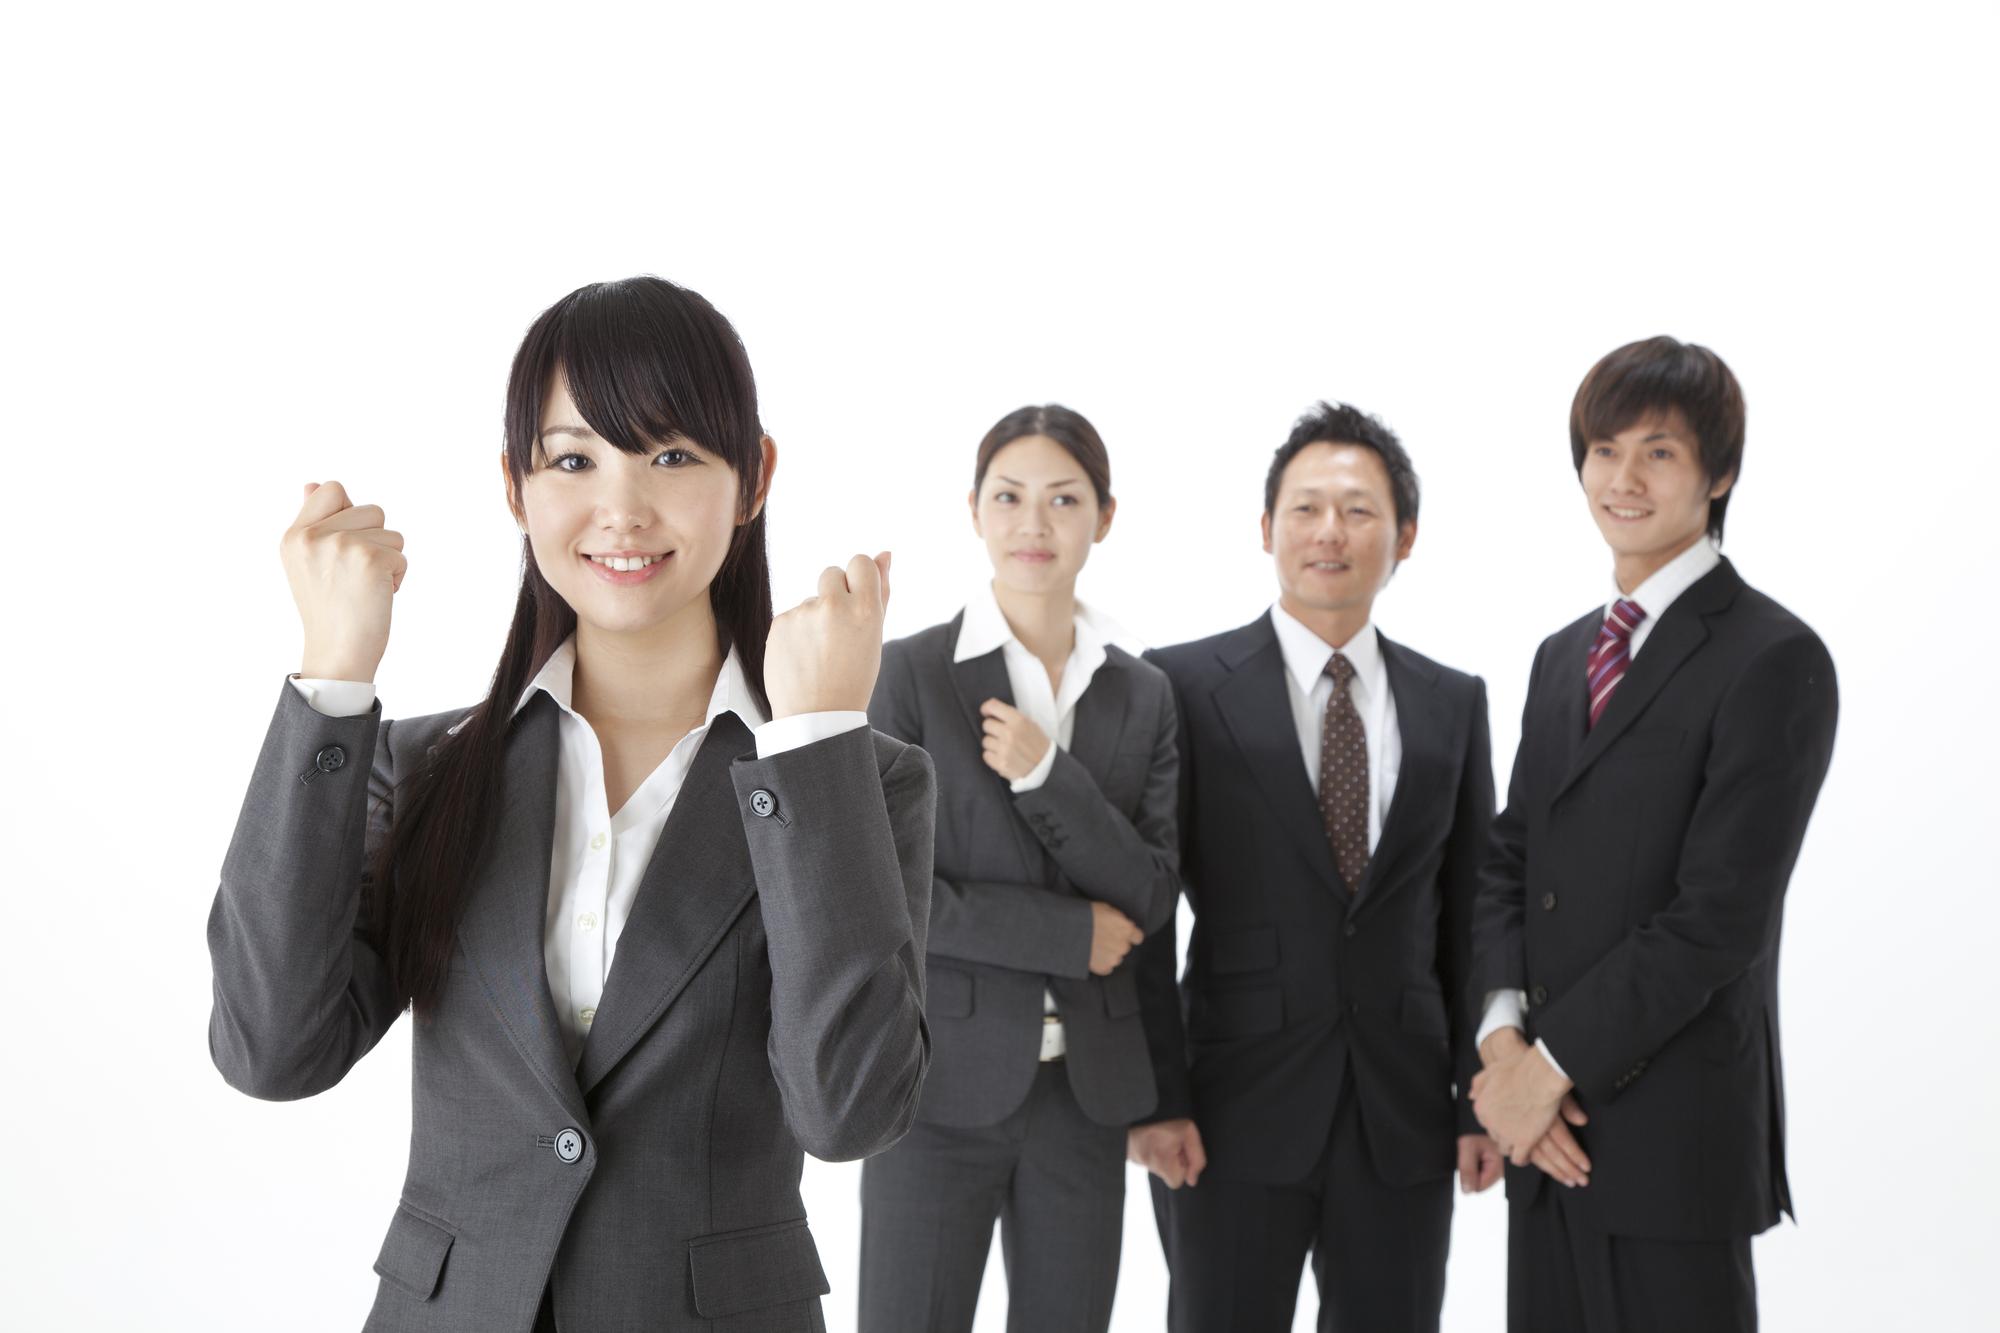 経営者・起業家は不安定 – 不安定を許容し、計画策定が大事とする考え方・名言